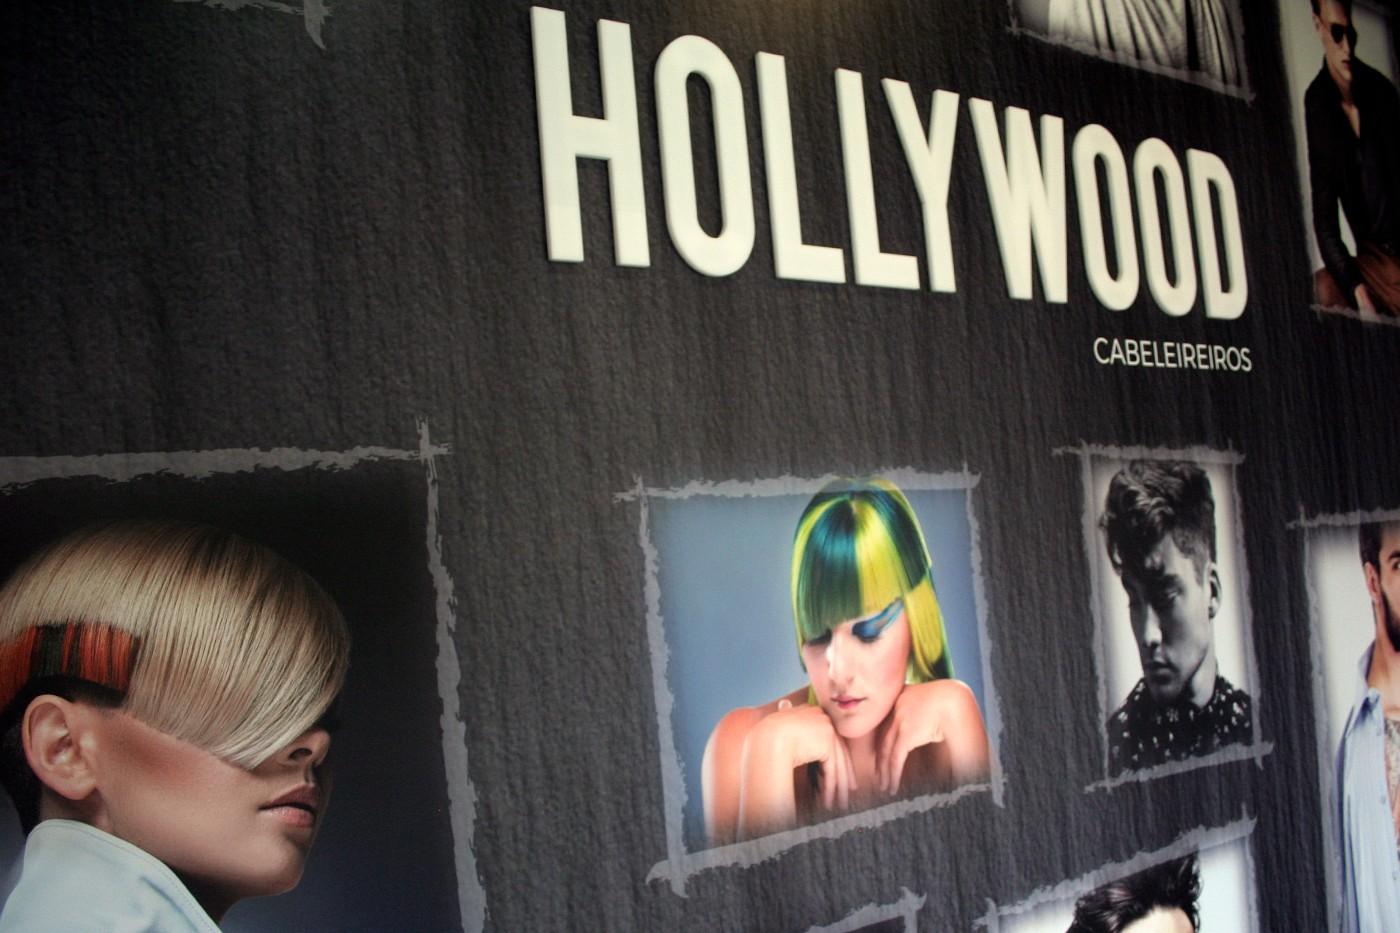 Hollywood Cabeleireiro